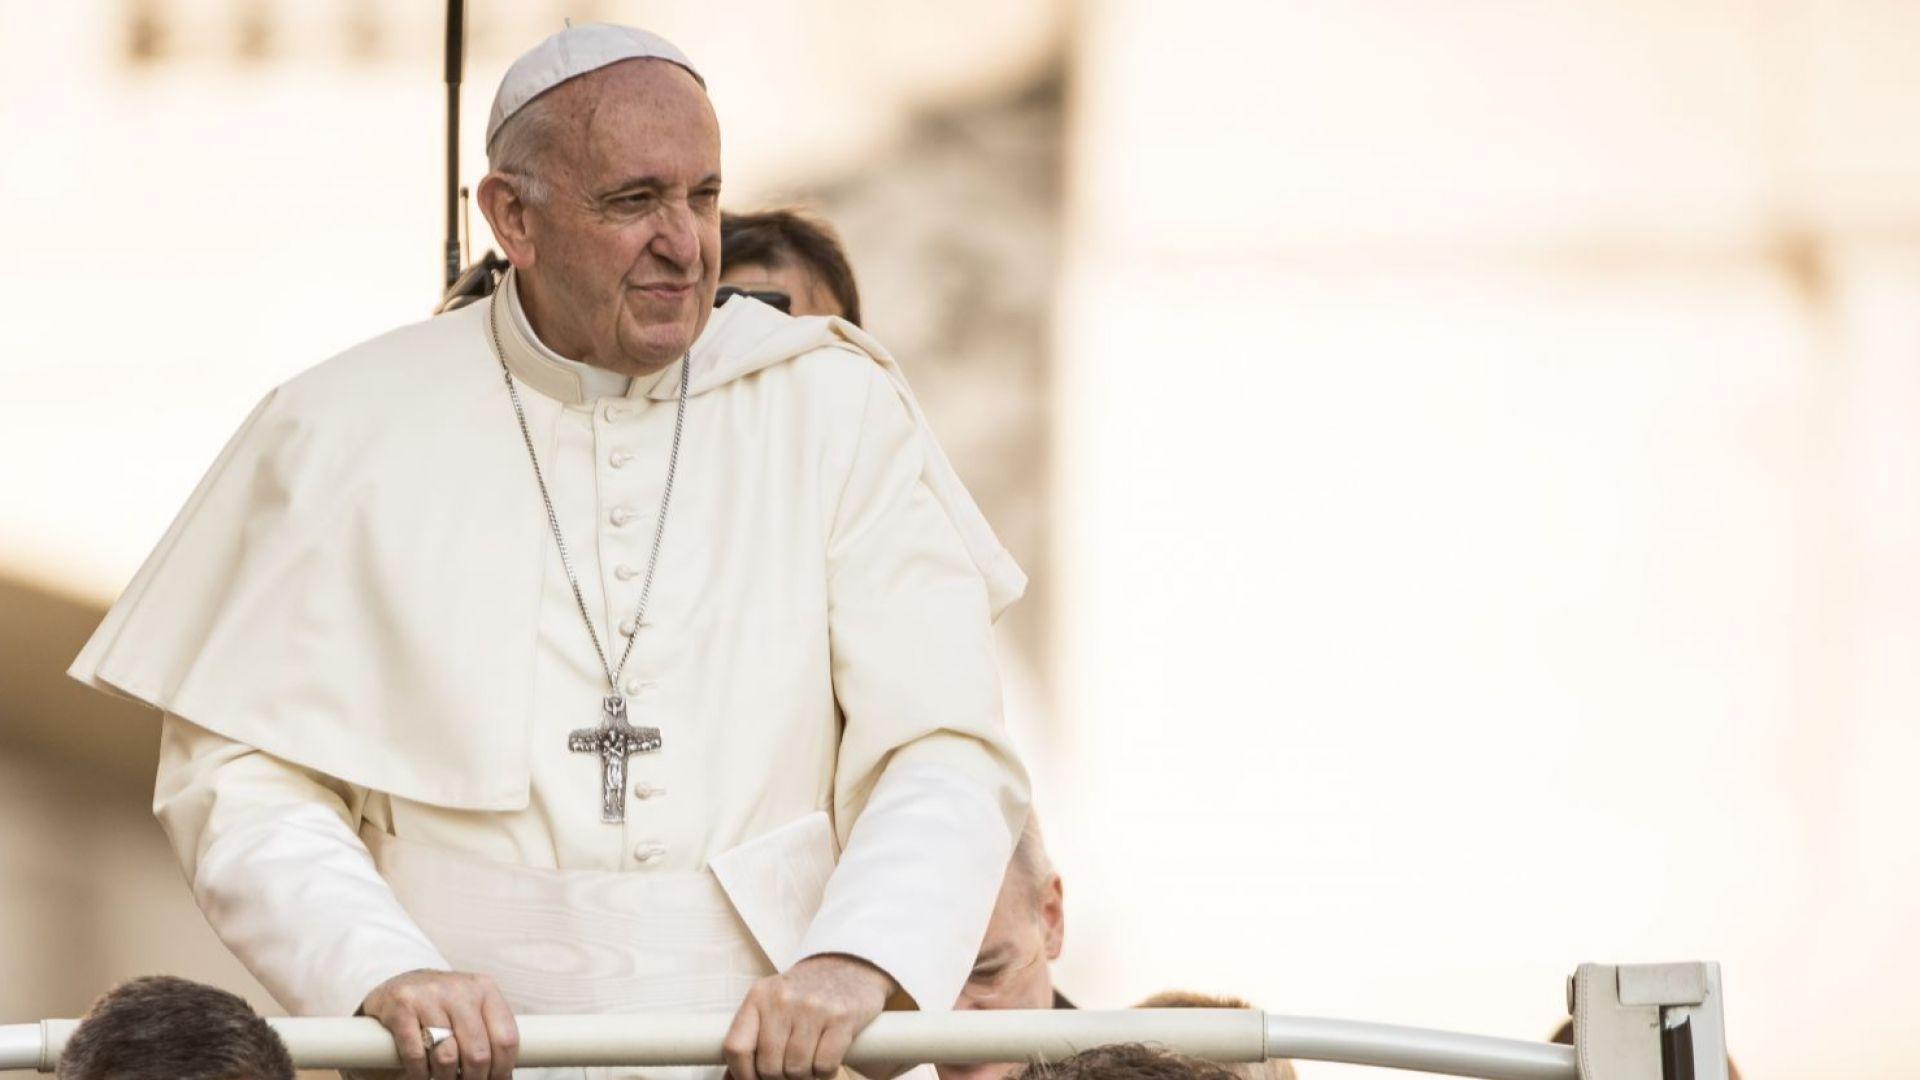 Дават 1 млн. долара на папа Франциск, ако стане веган